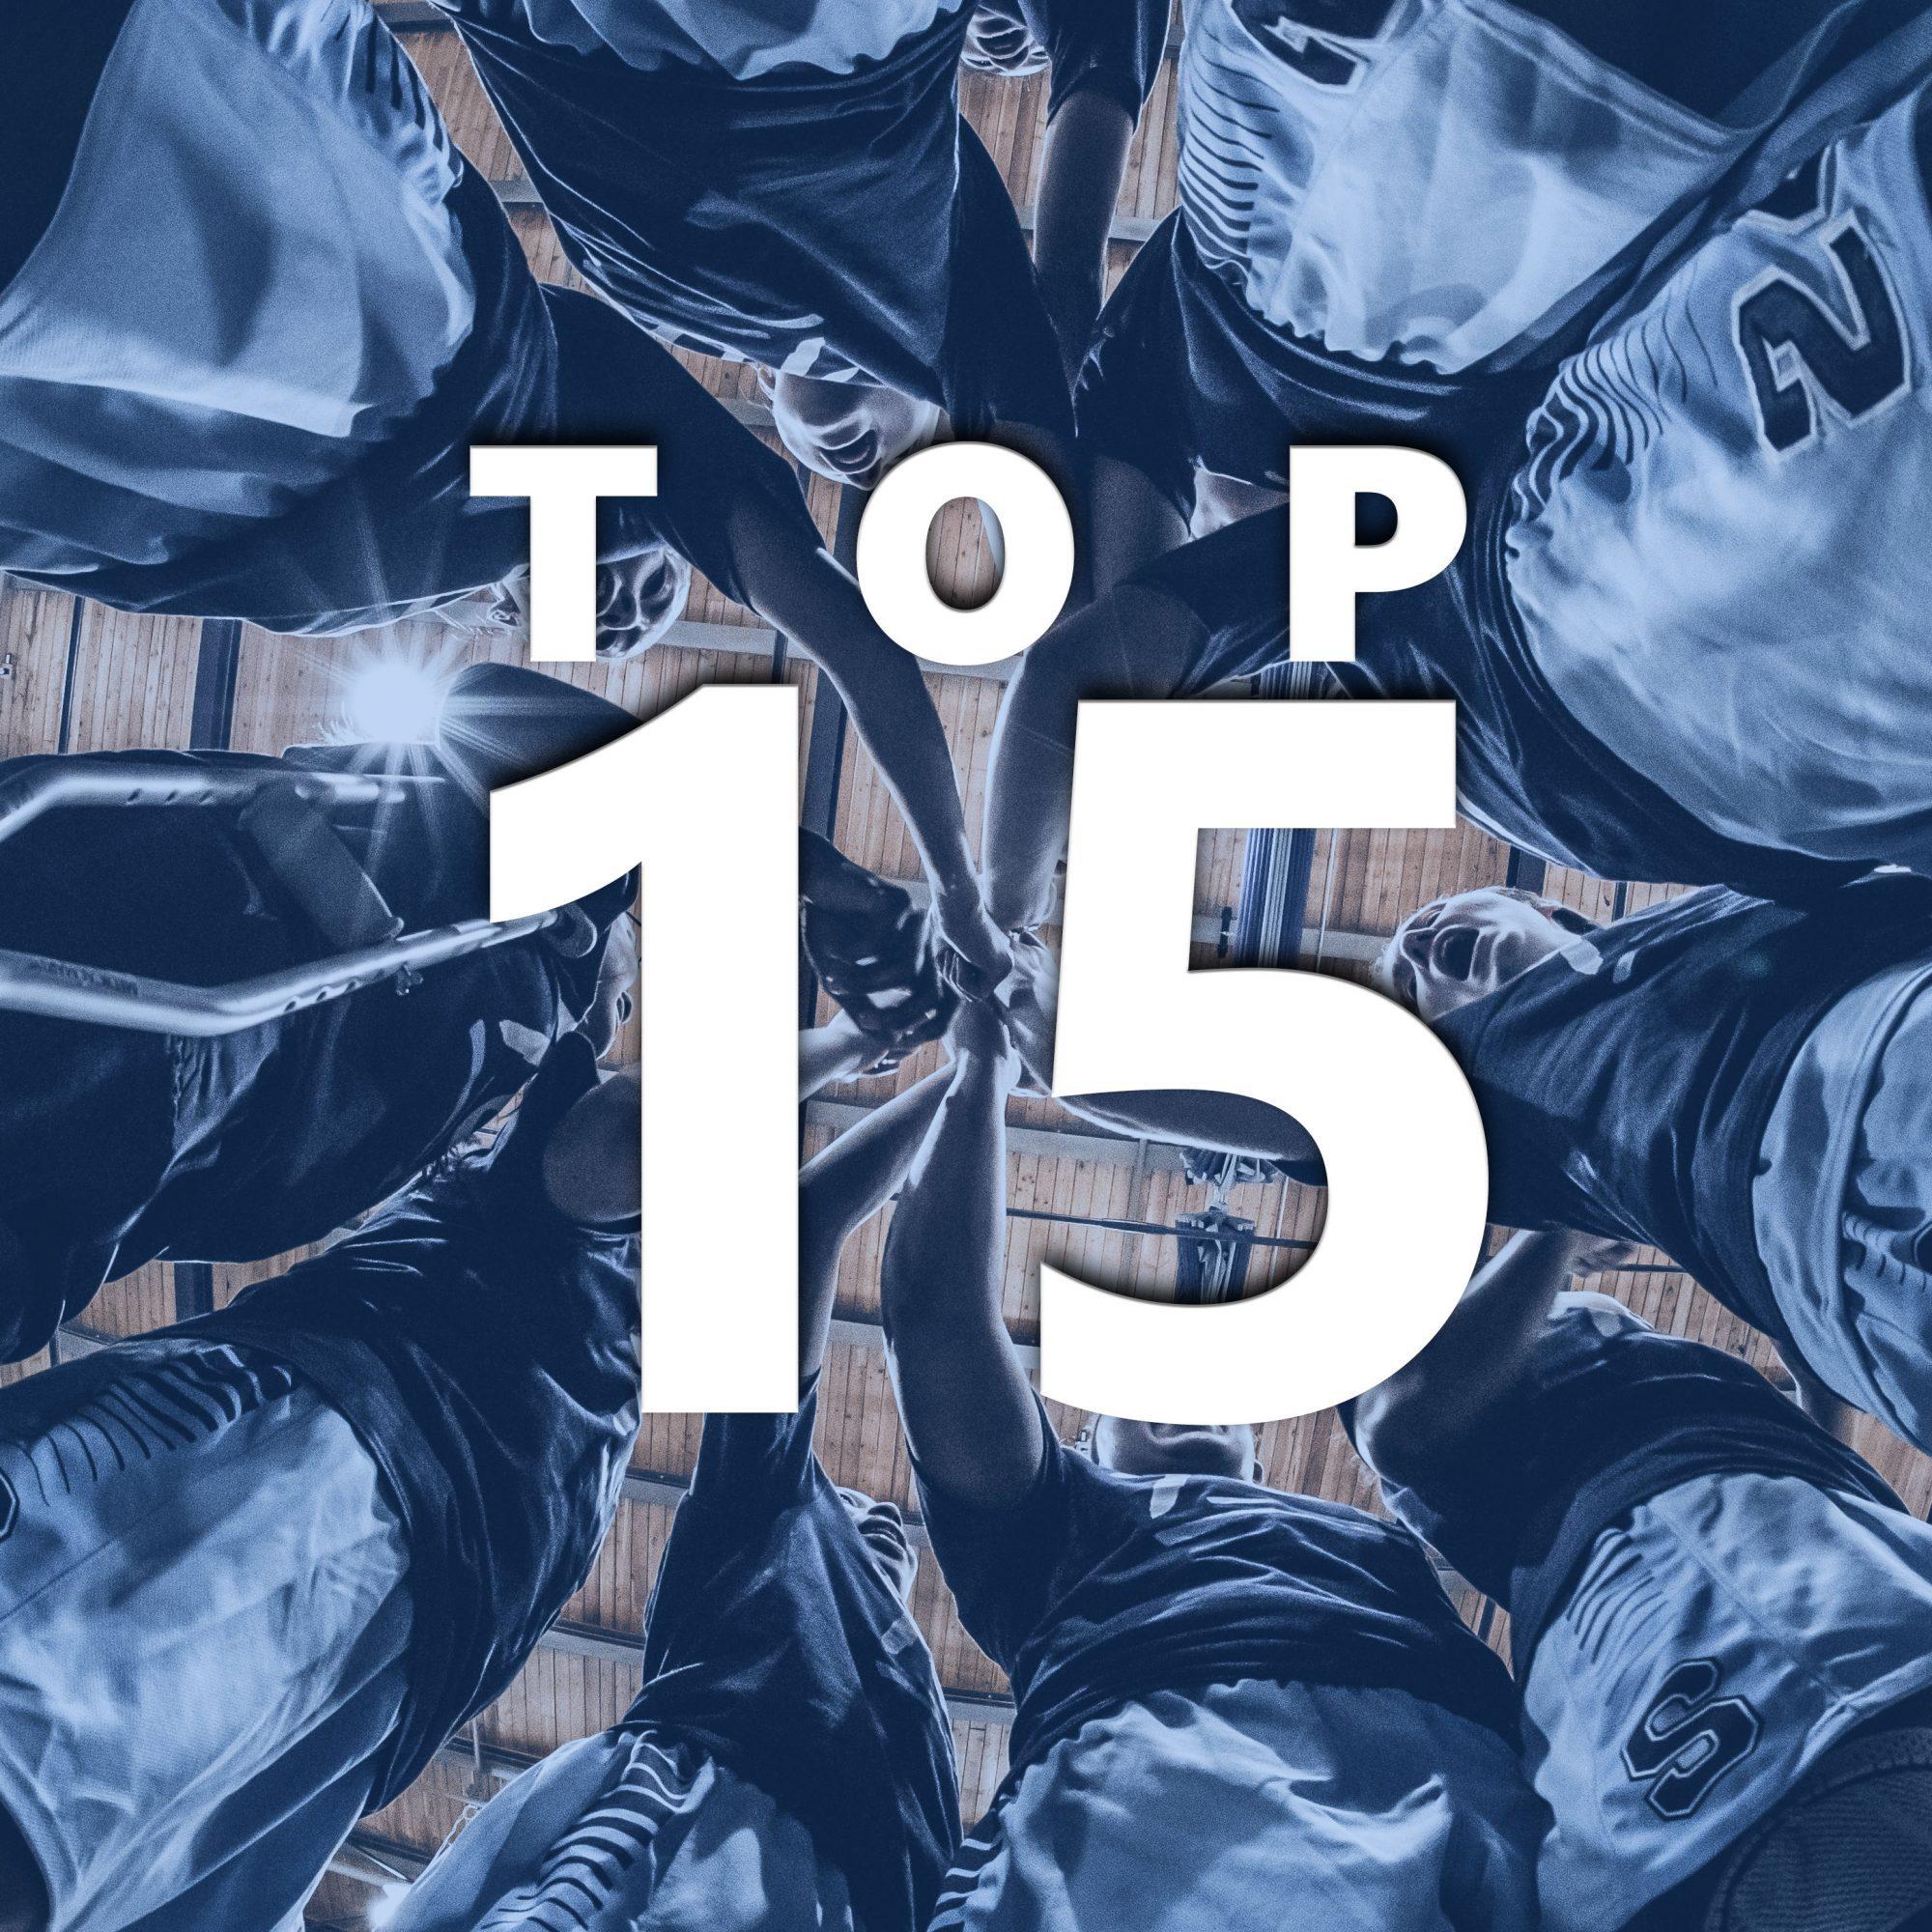 Top-15-2016-2017-Sheridan-Bruins